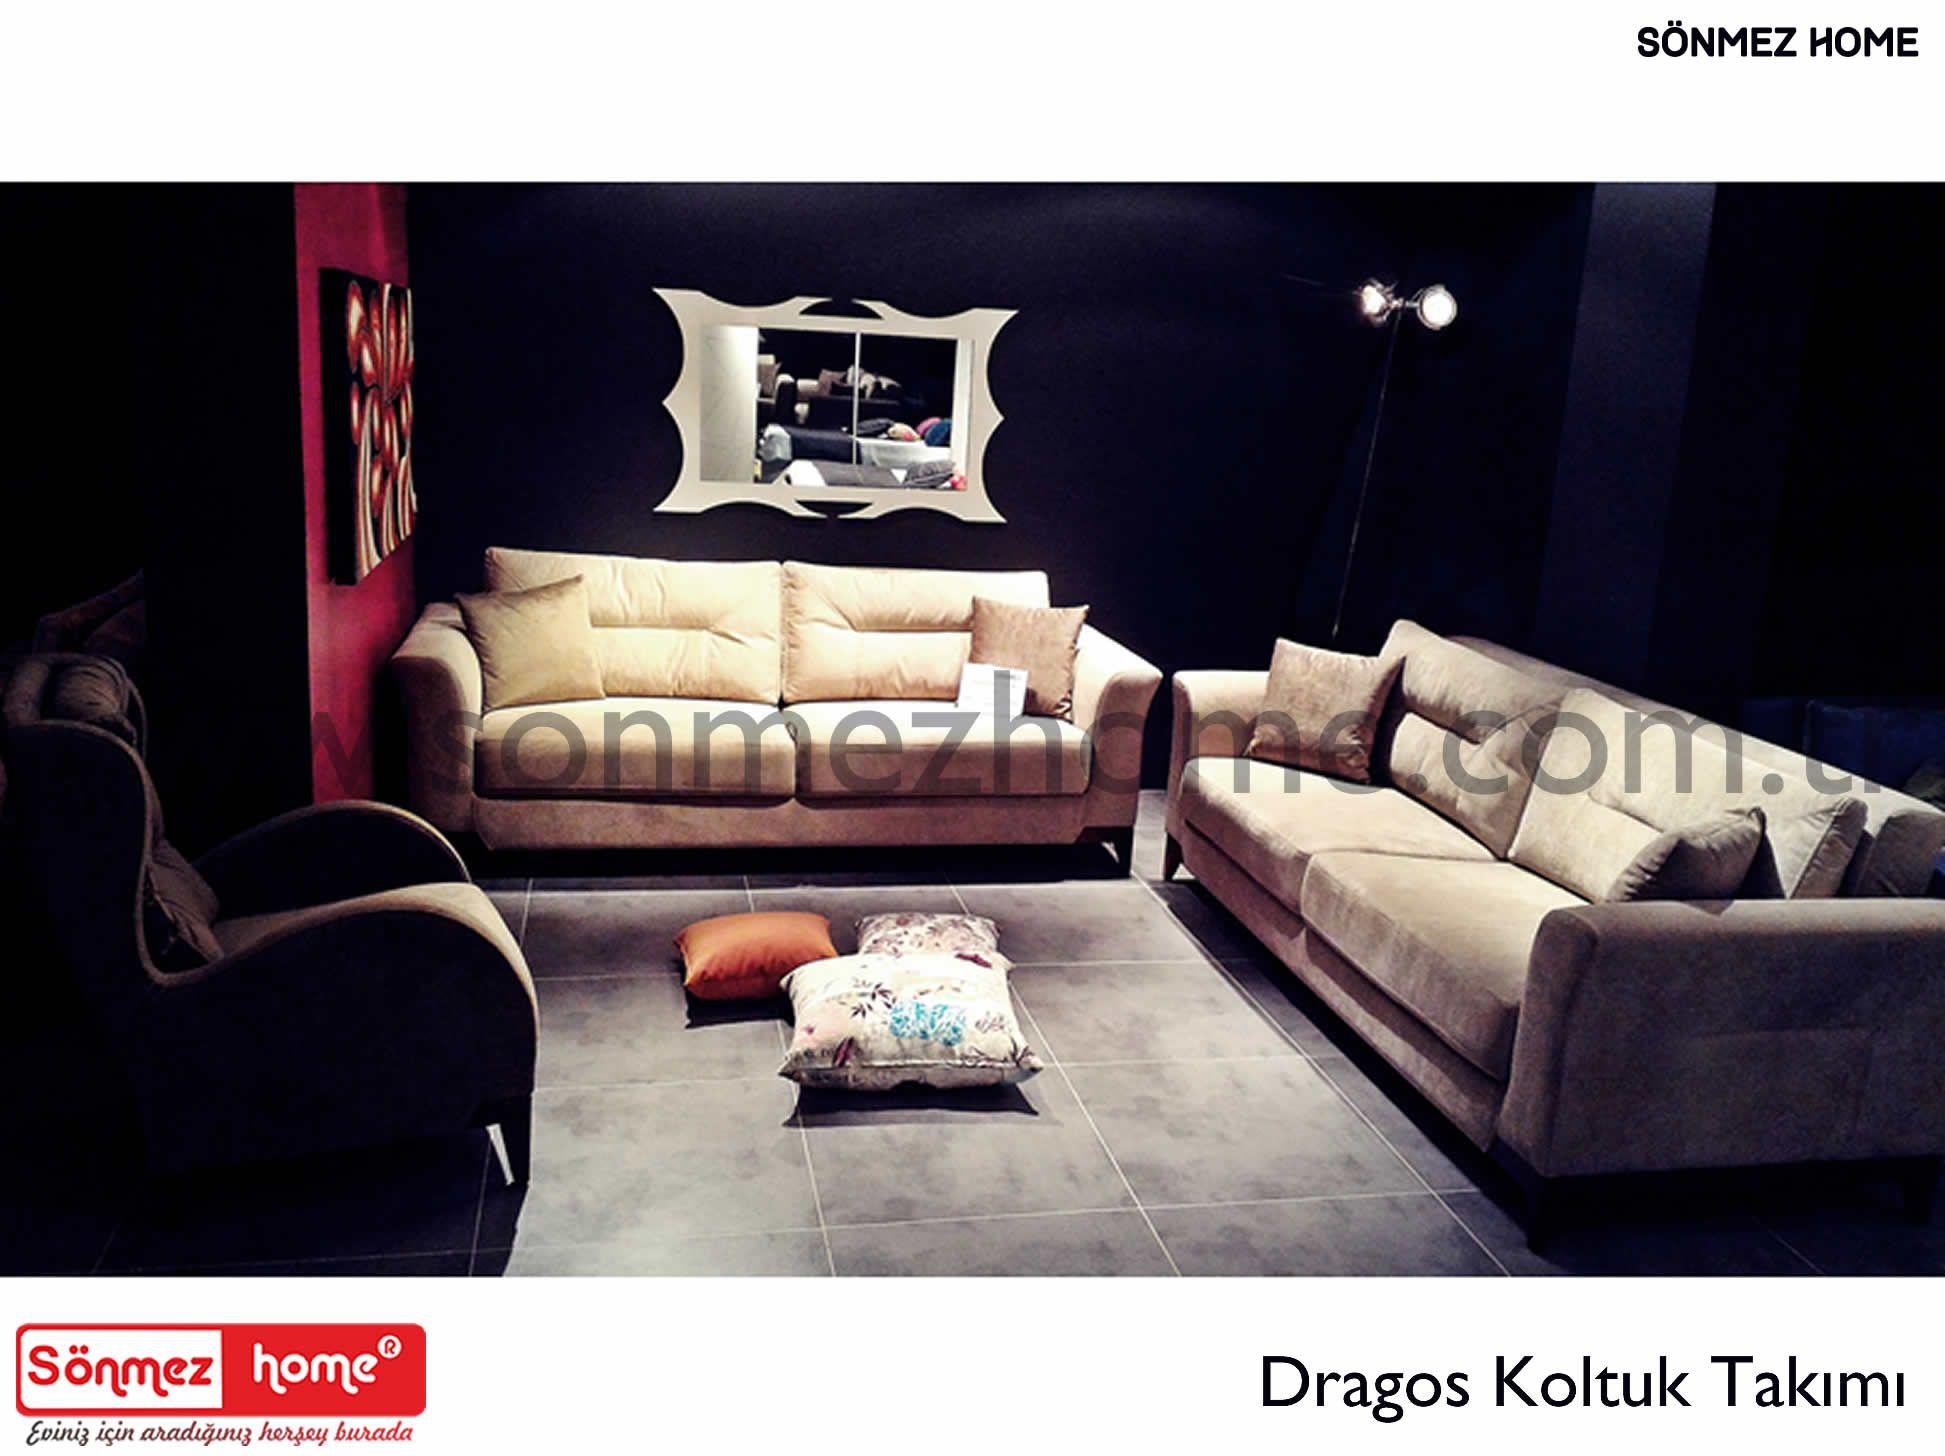 Samimi Oturma Odalari Icin Dusunulmus Dragos Modern Koltuk Takimi Sonmez Home Da Sizleri Bekliyor Modern Furniture Mobilya Modern Mobilya Mobilya Modern